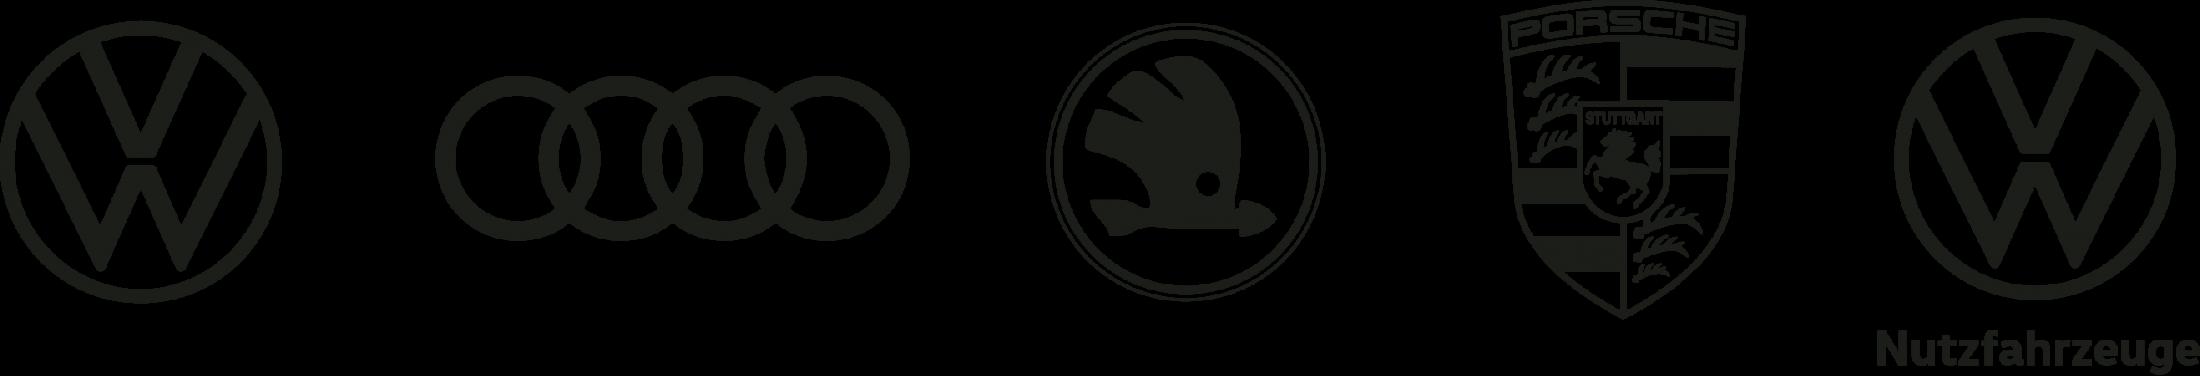 logo wiest marken